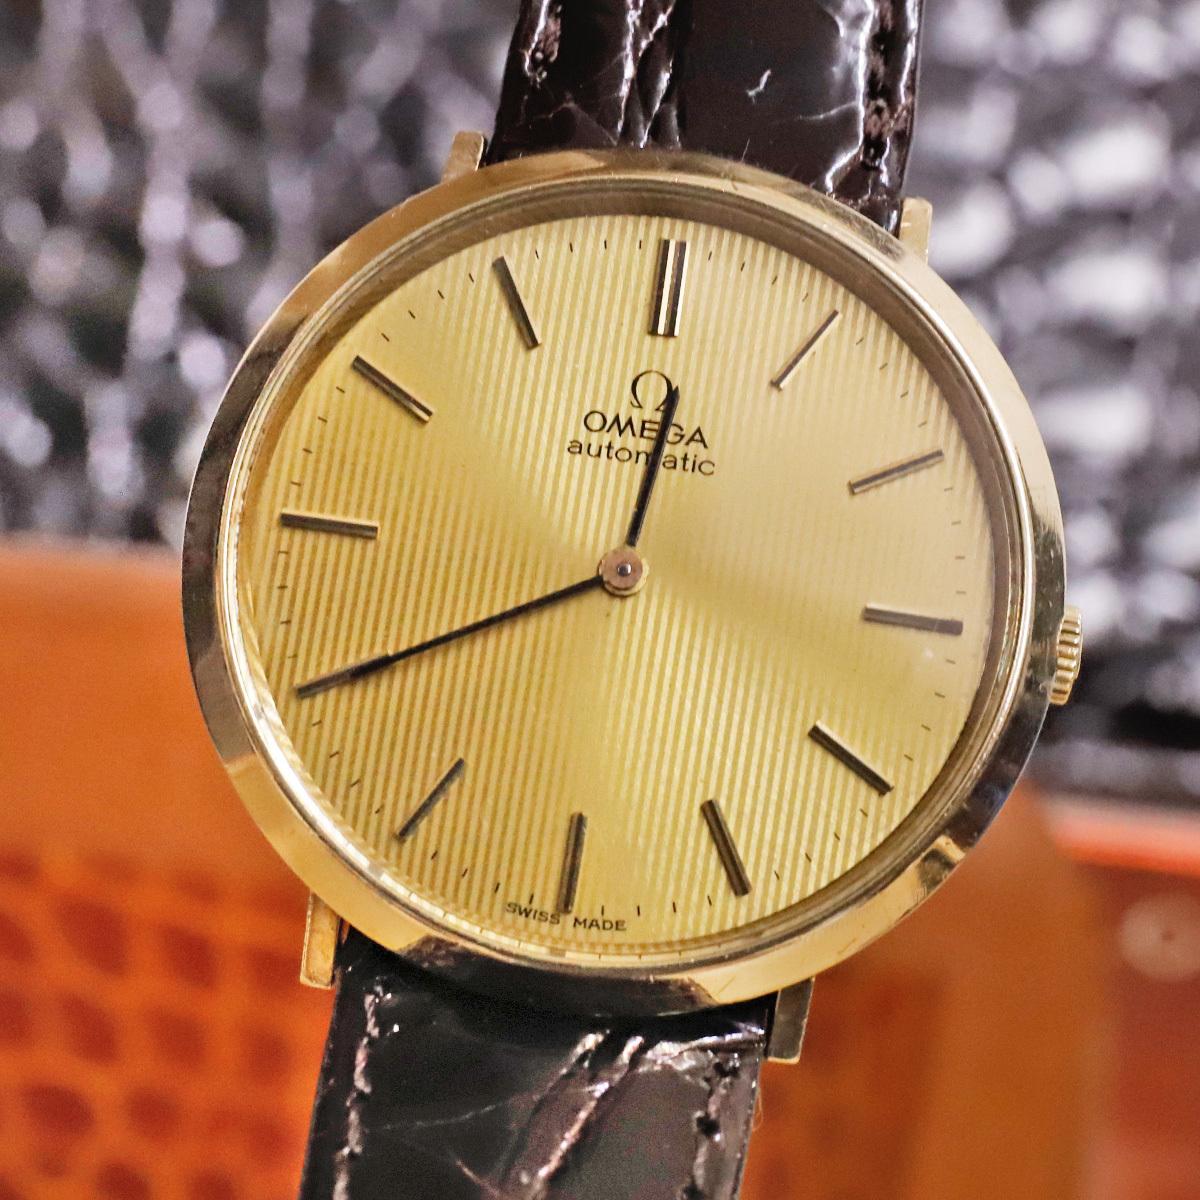 本物 オメガ 自動巻 オートマチック メンズウォッチ ゴールドケース 機械式腕時計 スイス製 正規品 OMEGA